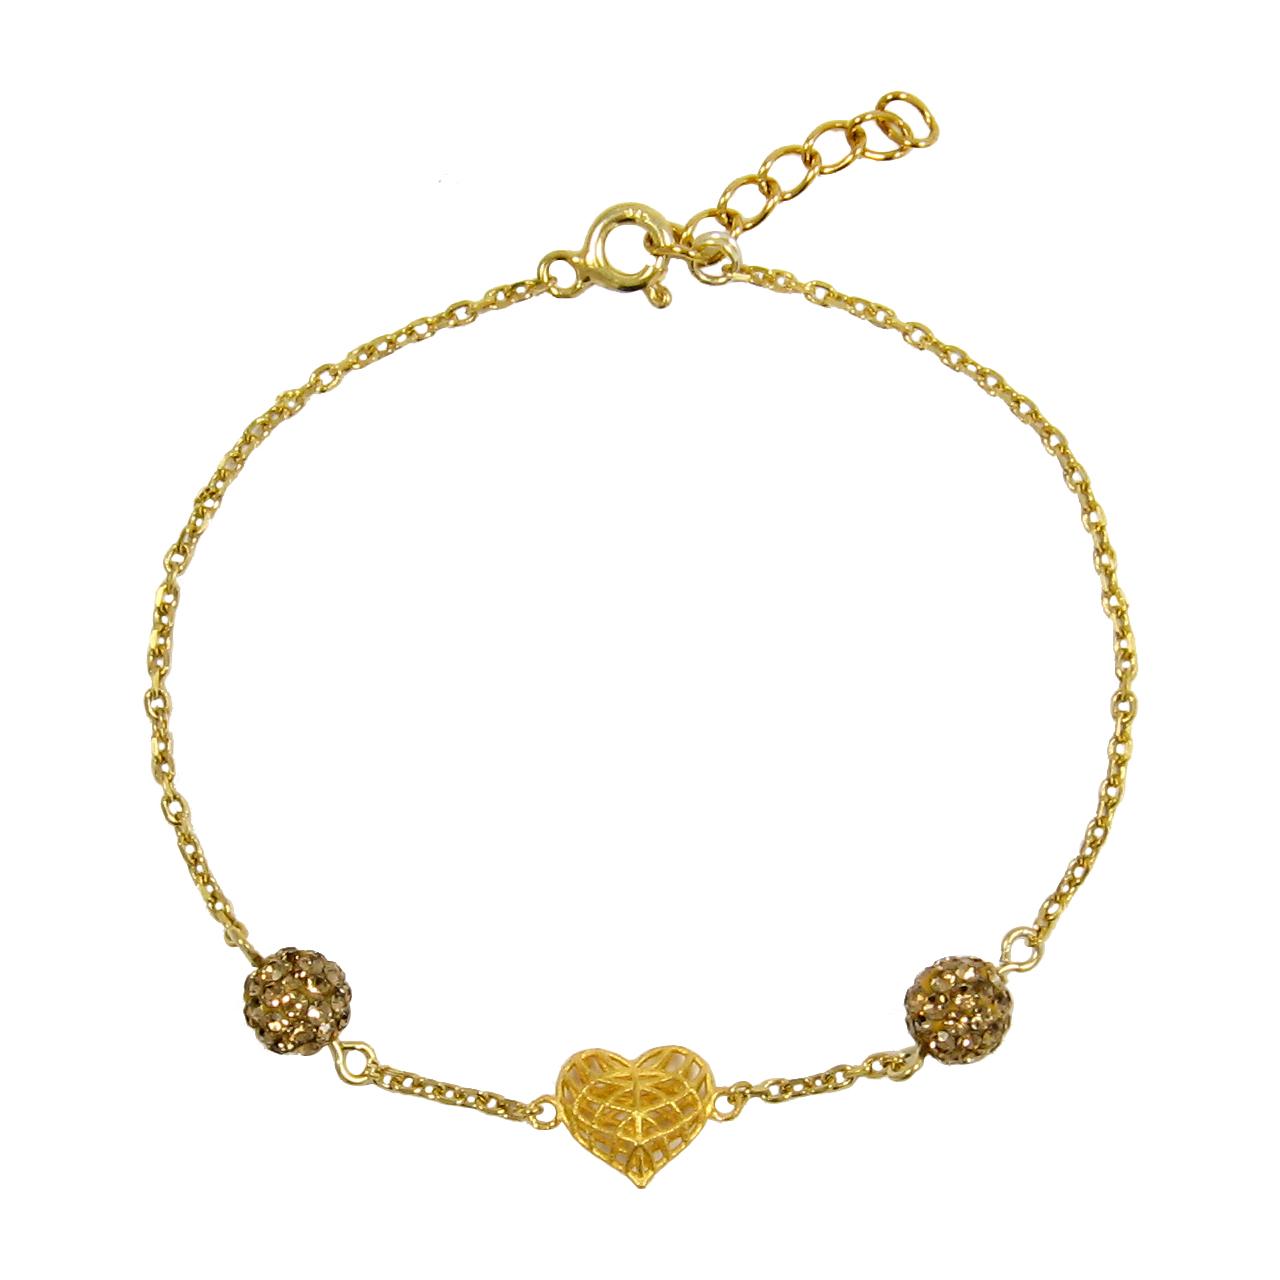 دستبند طلا 18 عیار زنانه مانچو کد bfgs003